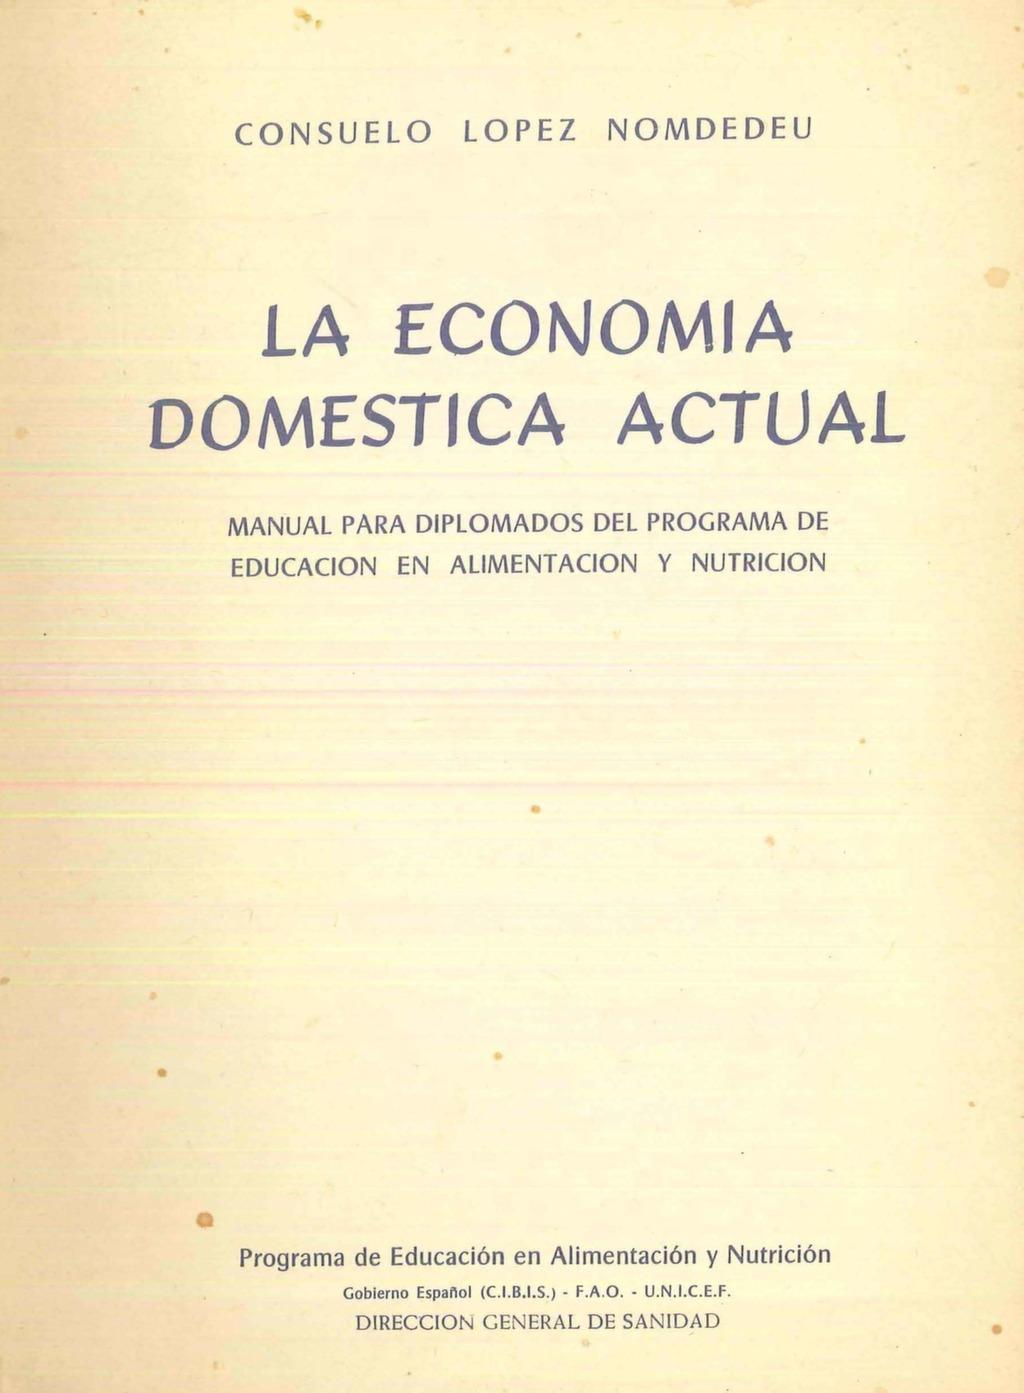 La economía doméstica actual